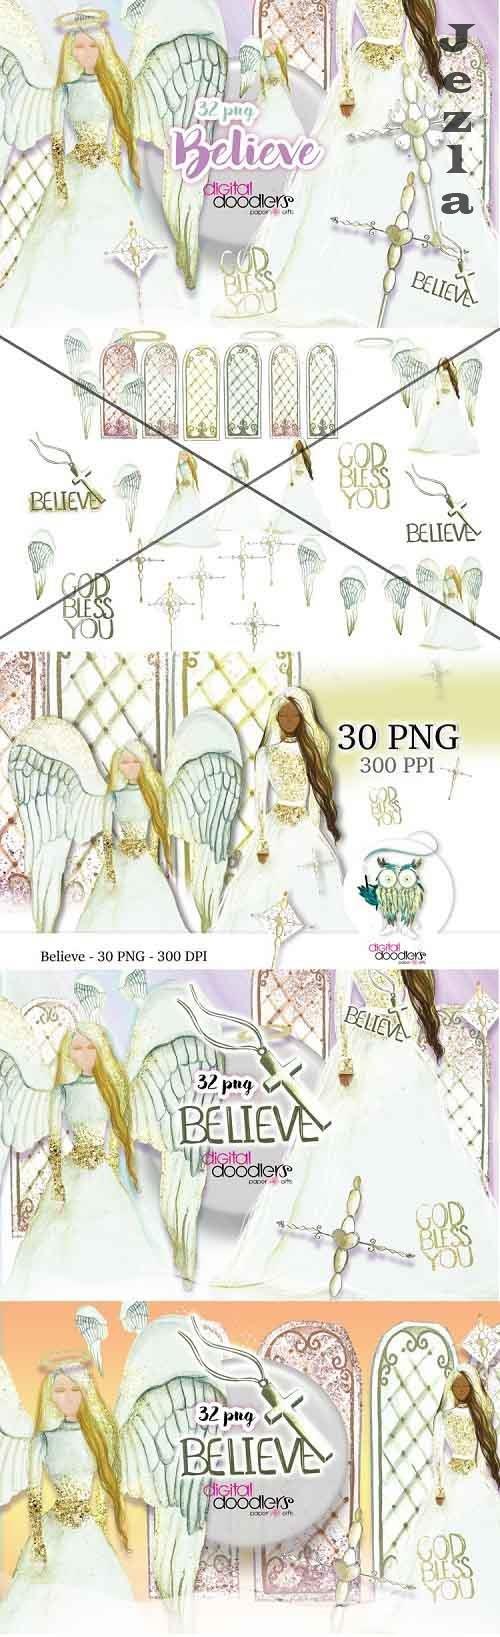 Believe Angel Watercolor Graphics - 254940